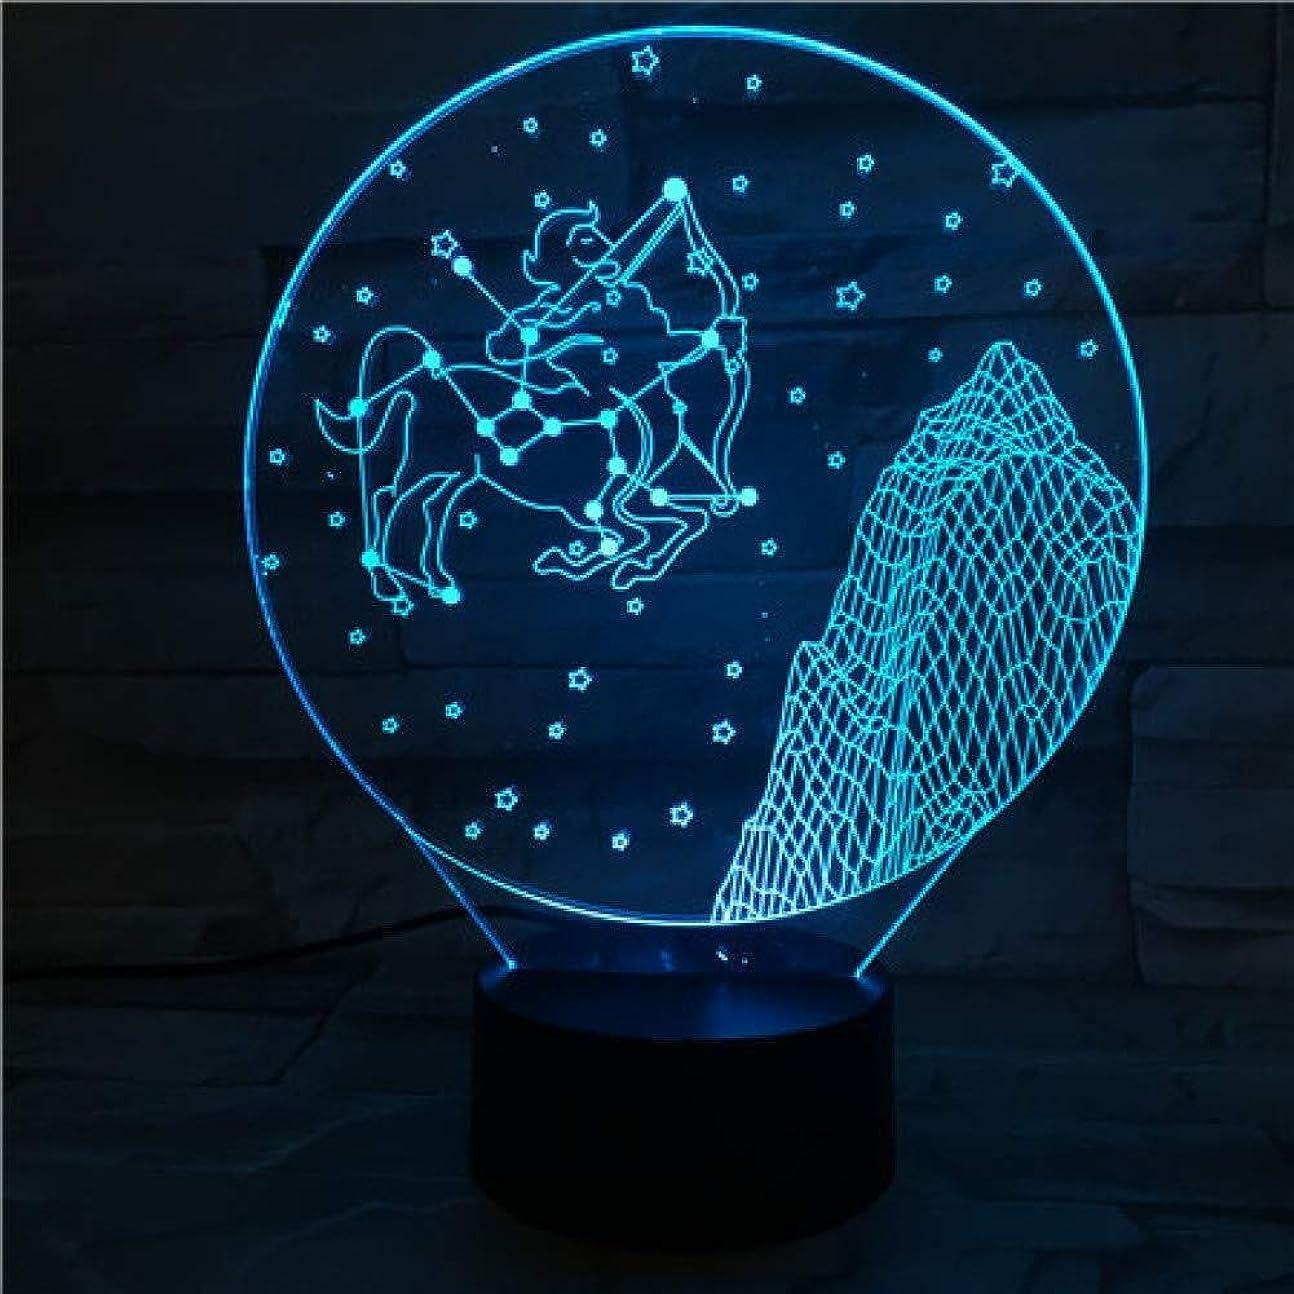 ロマンス医師雄弁3Dイリュージョン西干支LEDランプタッチセンサー7色のランプベッドルームベッドサイドアクリル装飾的な射手座デスクランプキッズフェスティバル誕生日プレゼントのUSB充電